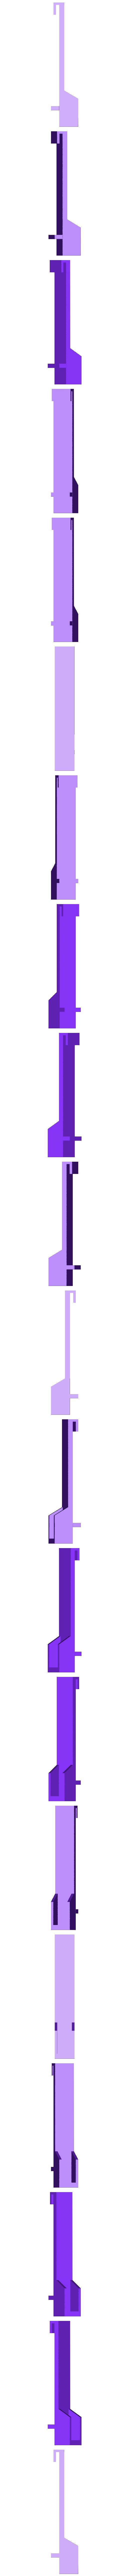 Front_Bracket.stl Télécharger fichier STL gratuit Support d'alimentation pour Printrbot Play • Objet pour imprimante 3D, Reneton